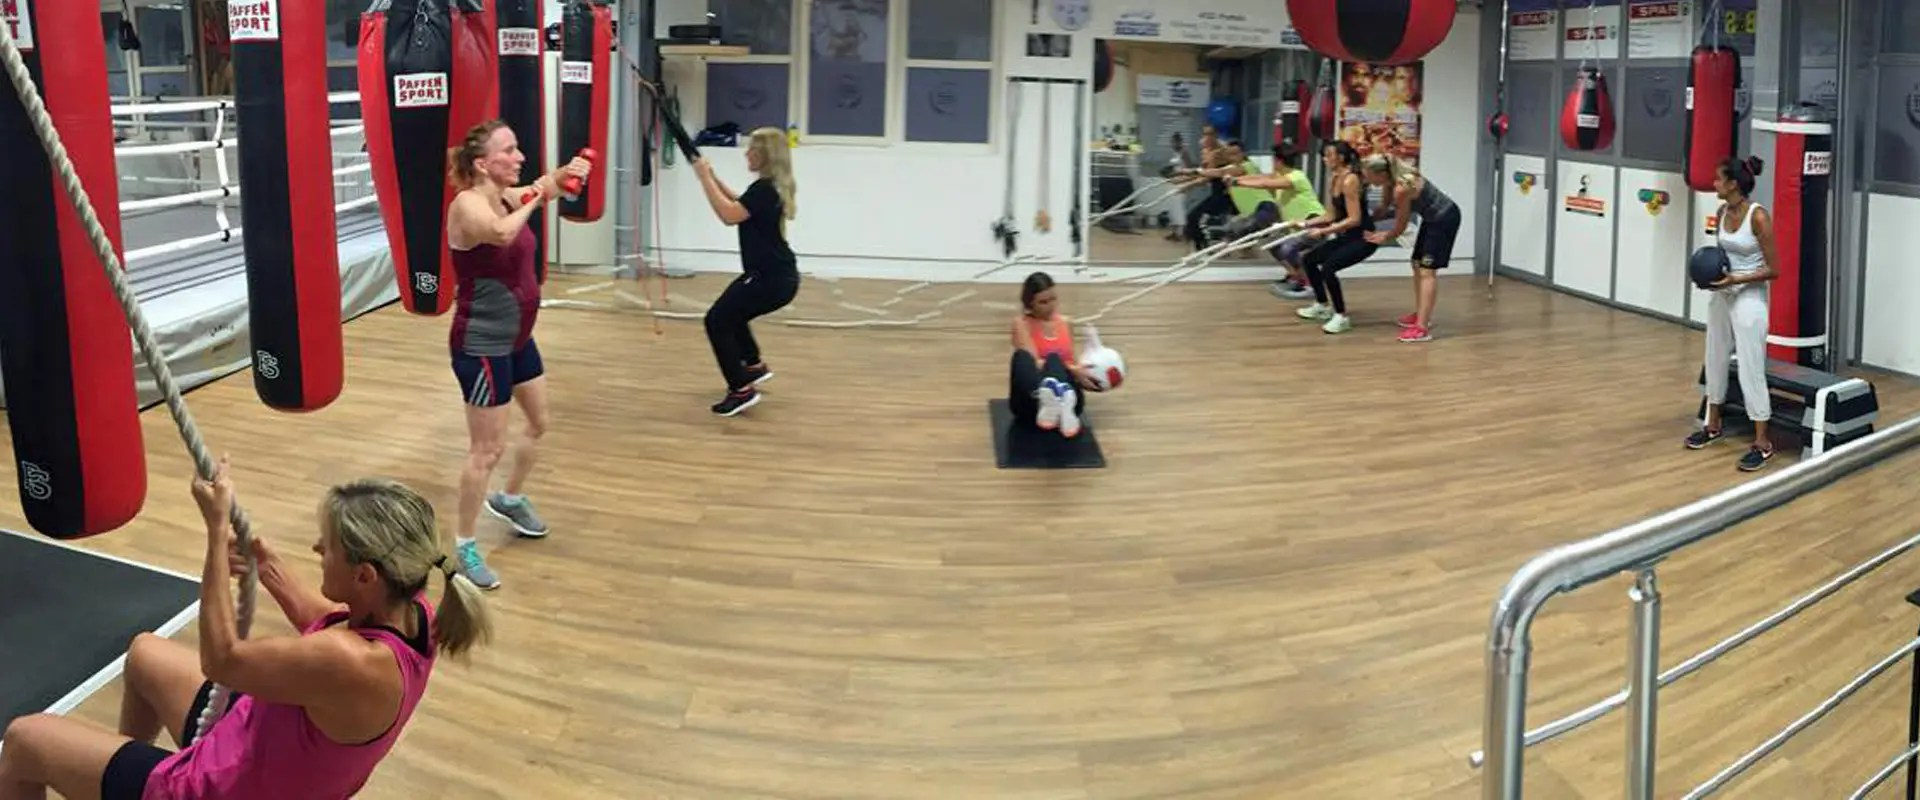 Permalink to: Fitnessboxen für Frauen